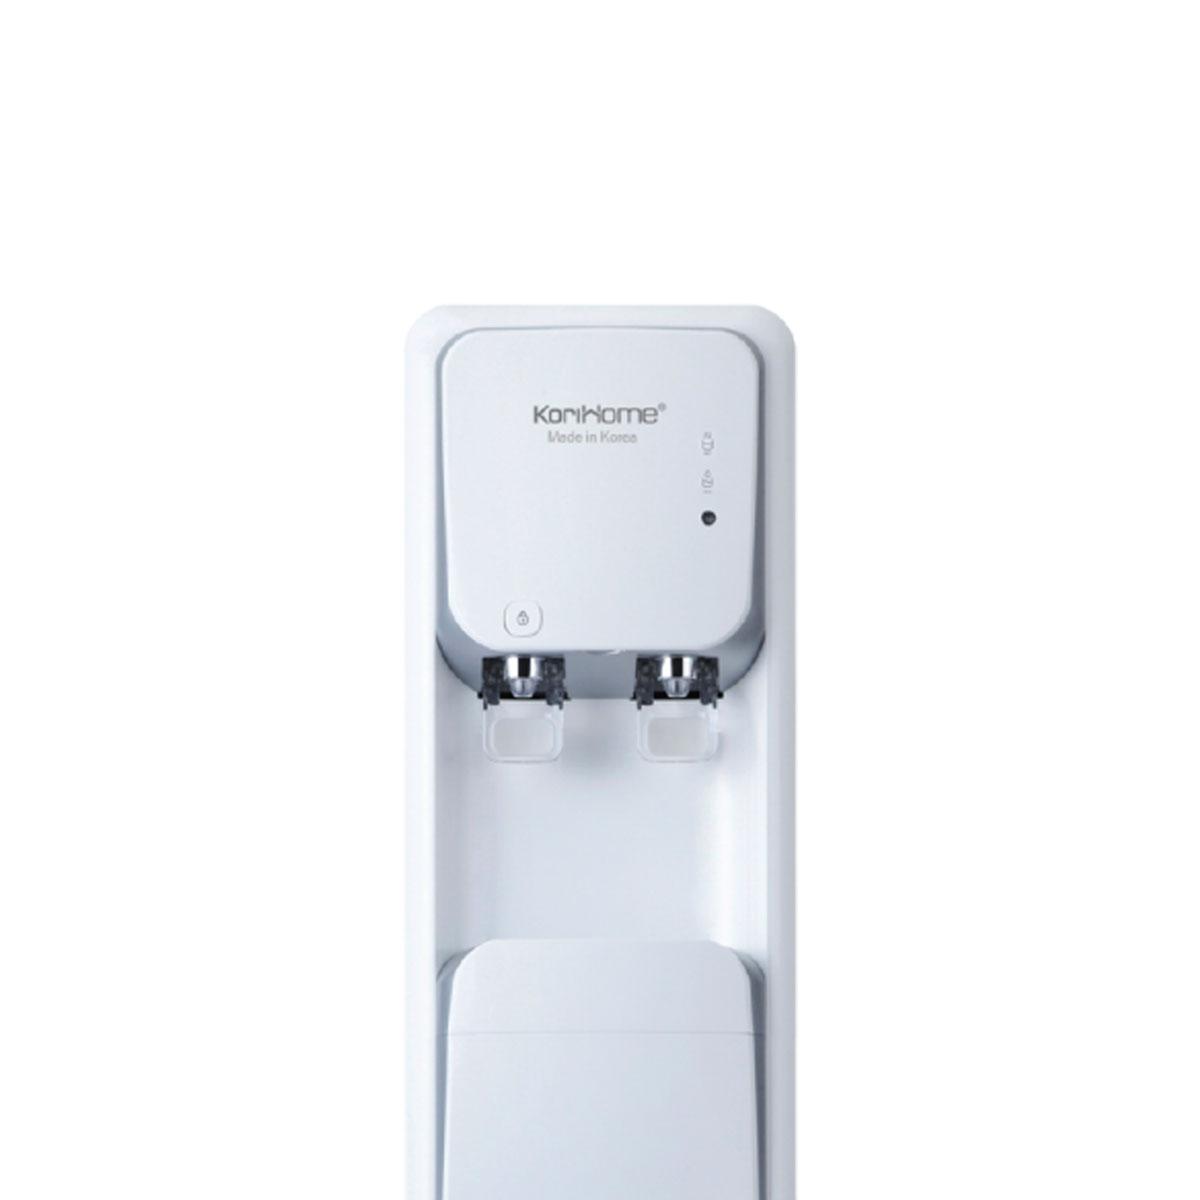 Máy lọc nước tích hợp nóng lạnh KoriHome WPK-916 - Hàng Chính Hãng